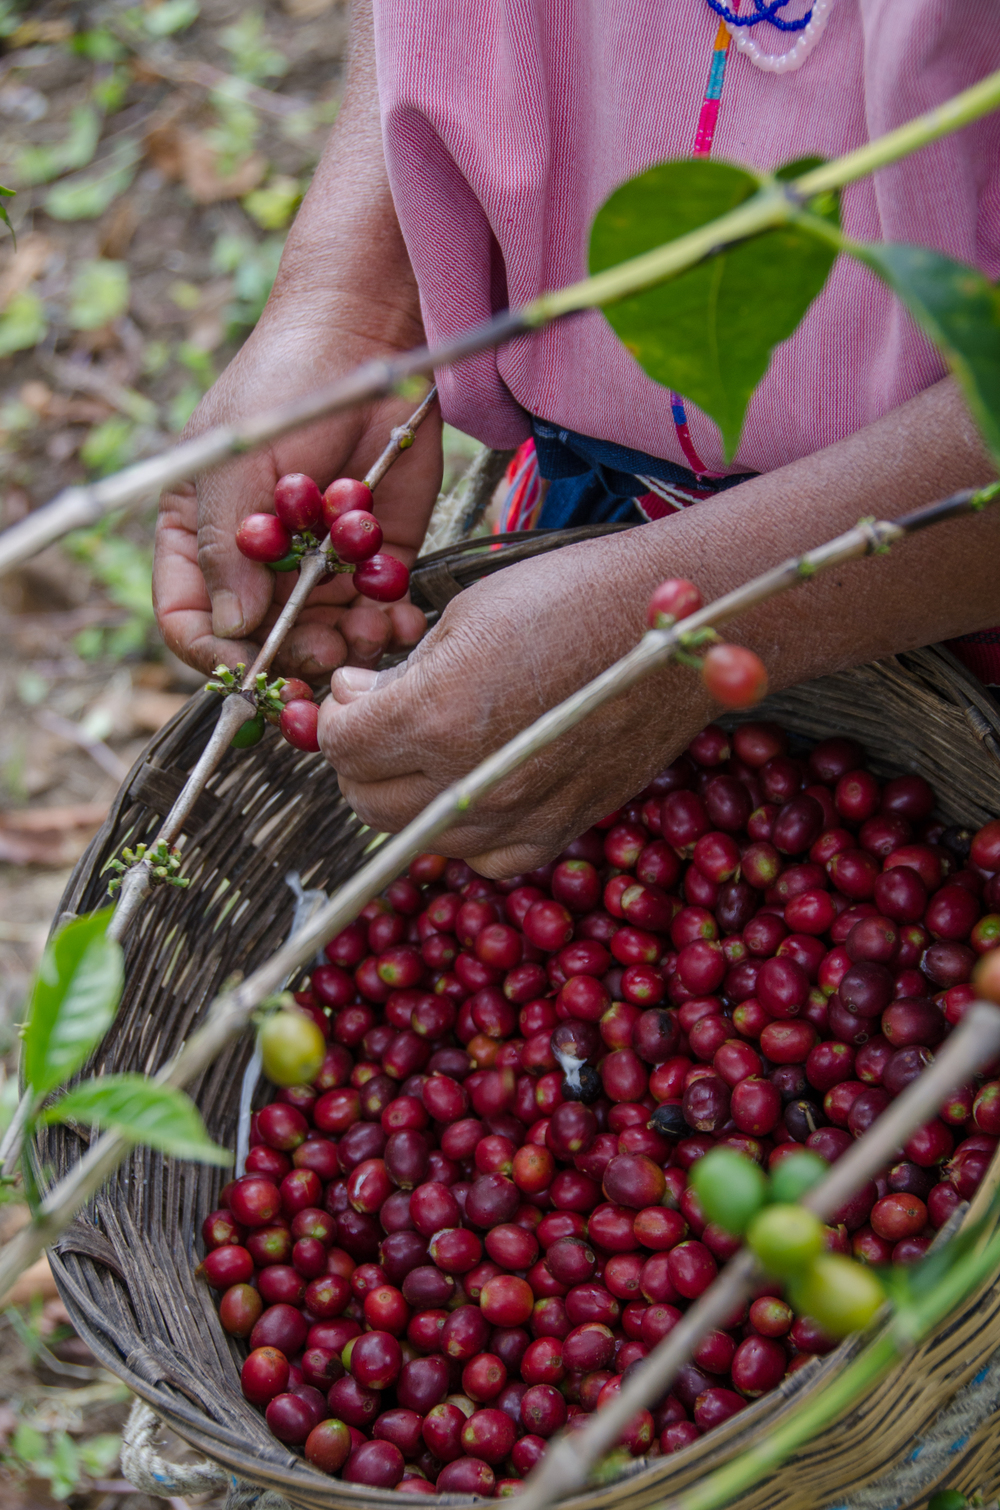 Cosecha manual selectiva de cerezo de café